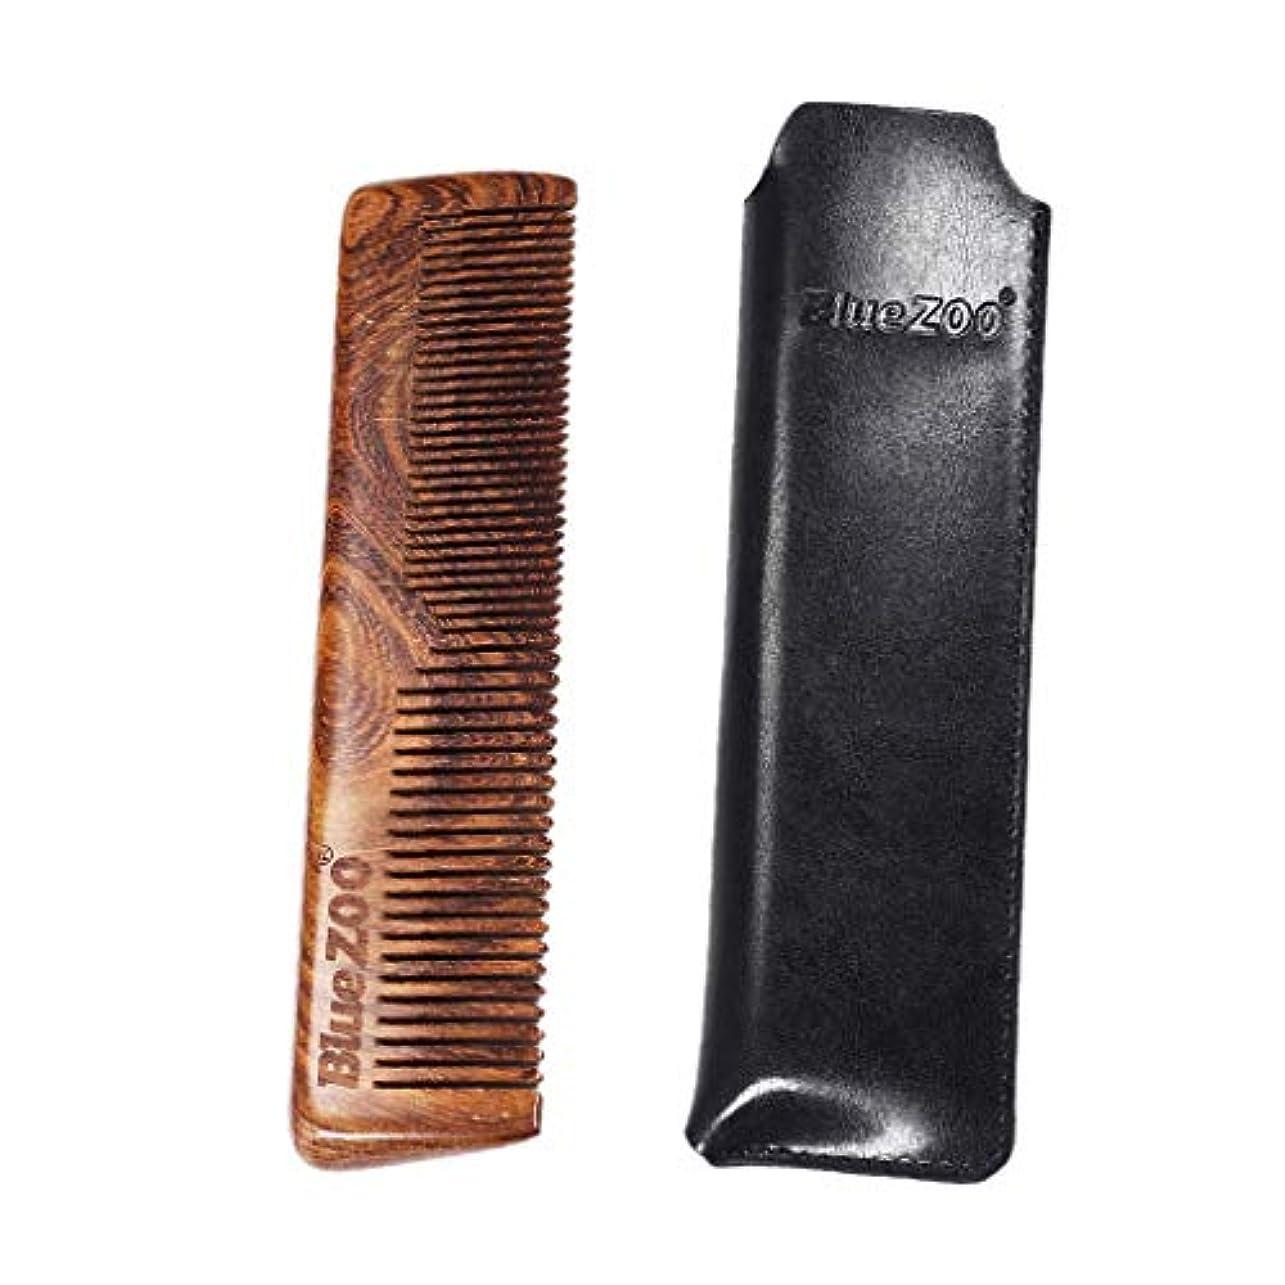 電子朝ごはん機転Toygogo 手作りサンダルウッド木製男性のひげ口ひげ顔の毛の櫛グルーミングスタイリングシェーピングツールと男性用理容室用PUケース - ブラック